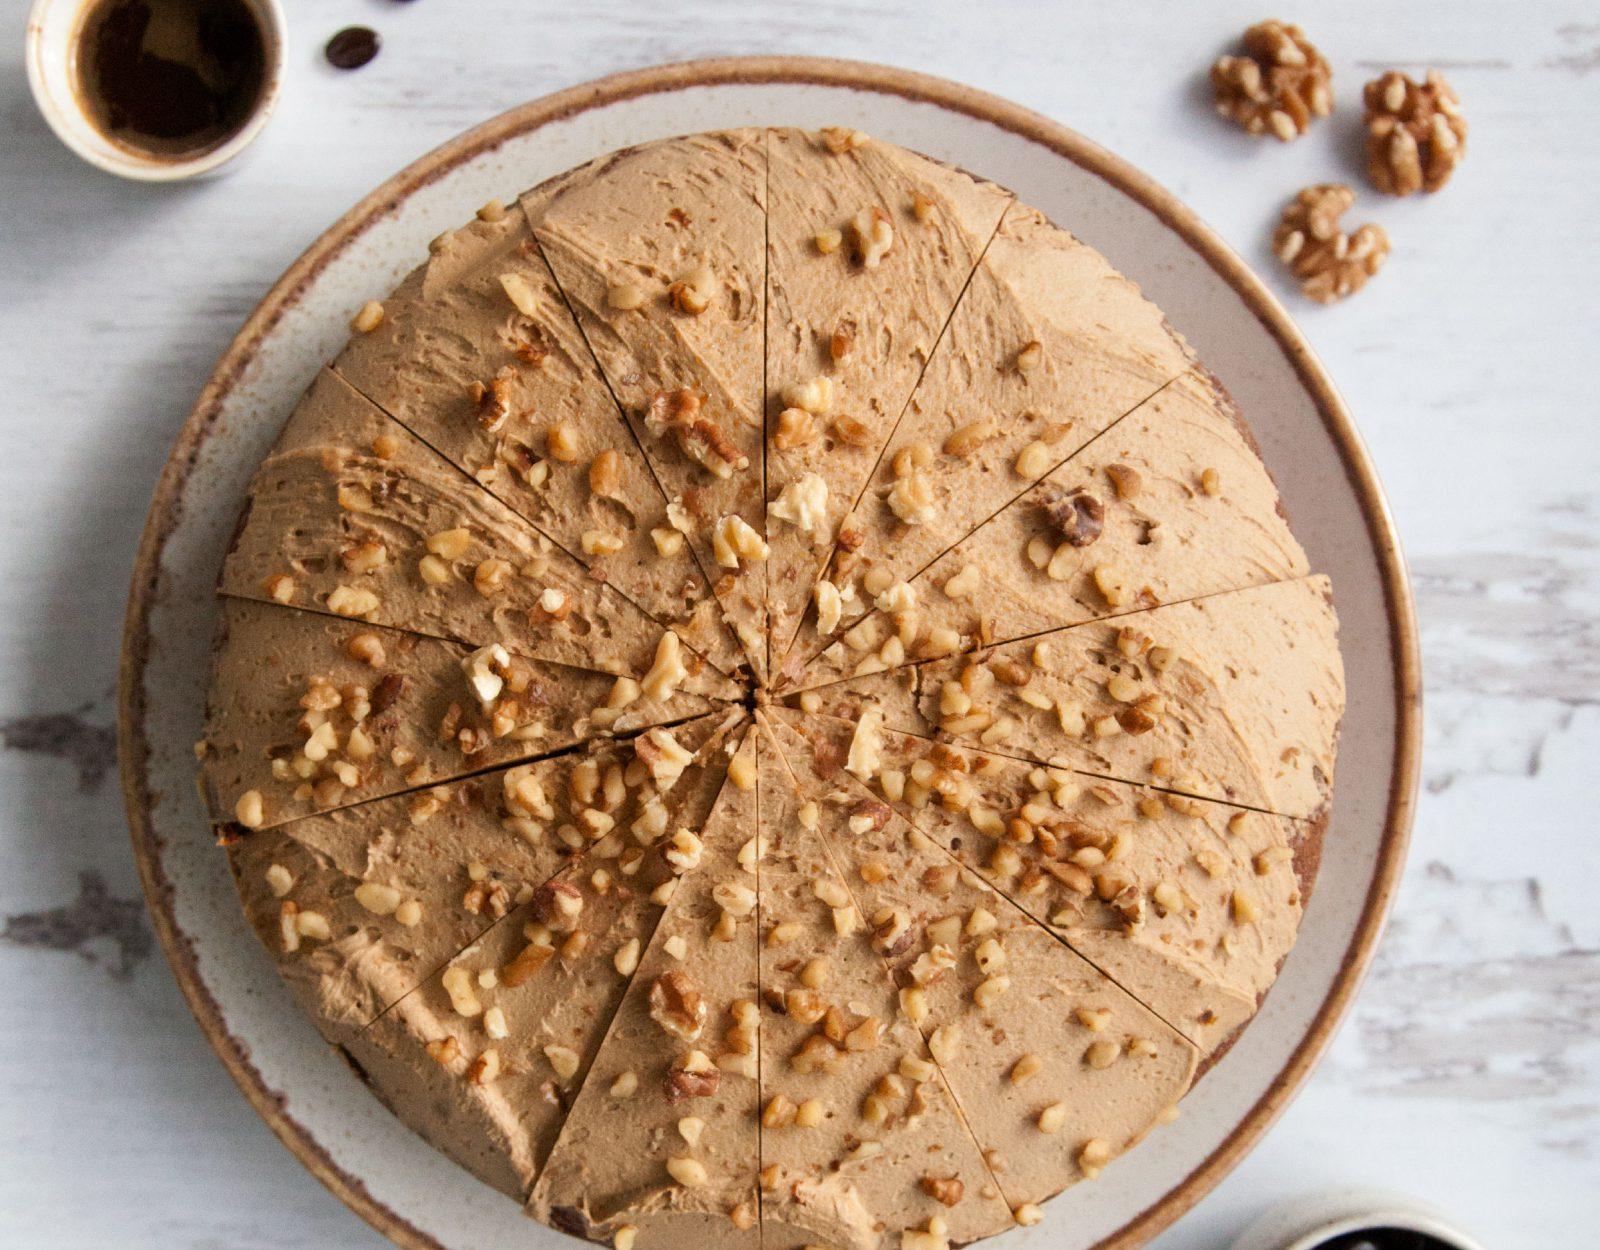 Sidoli walnut cake photography